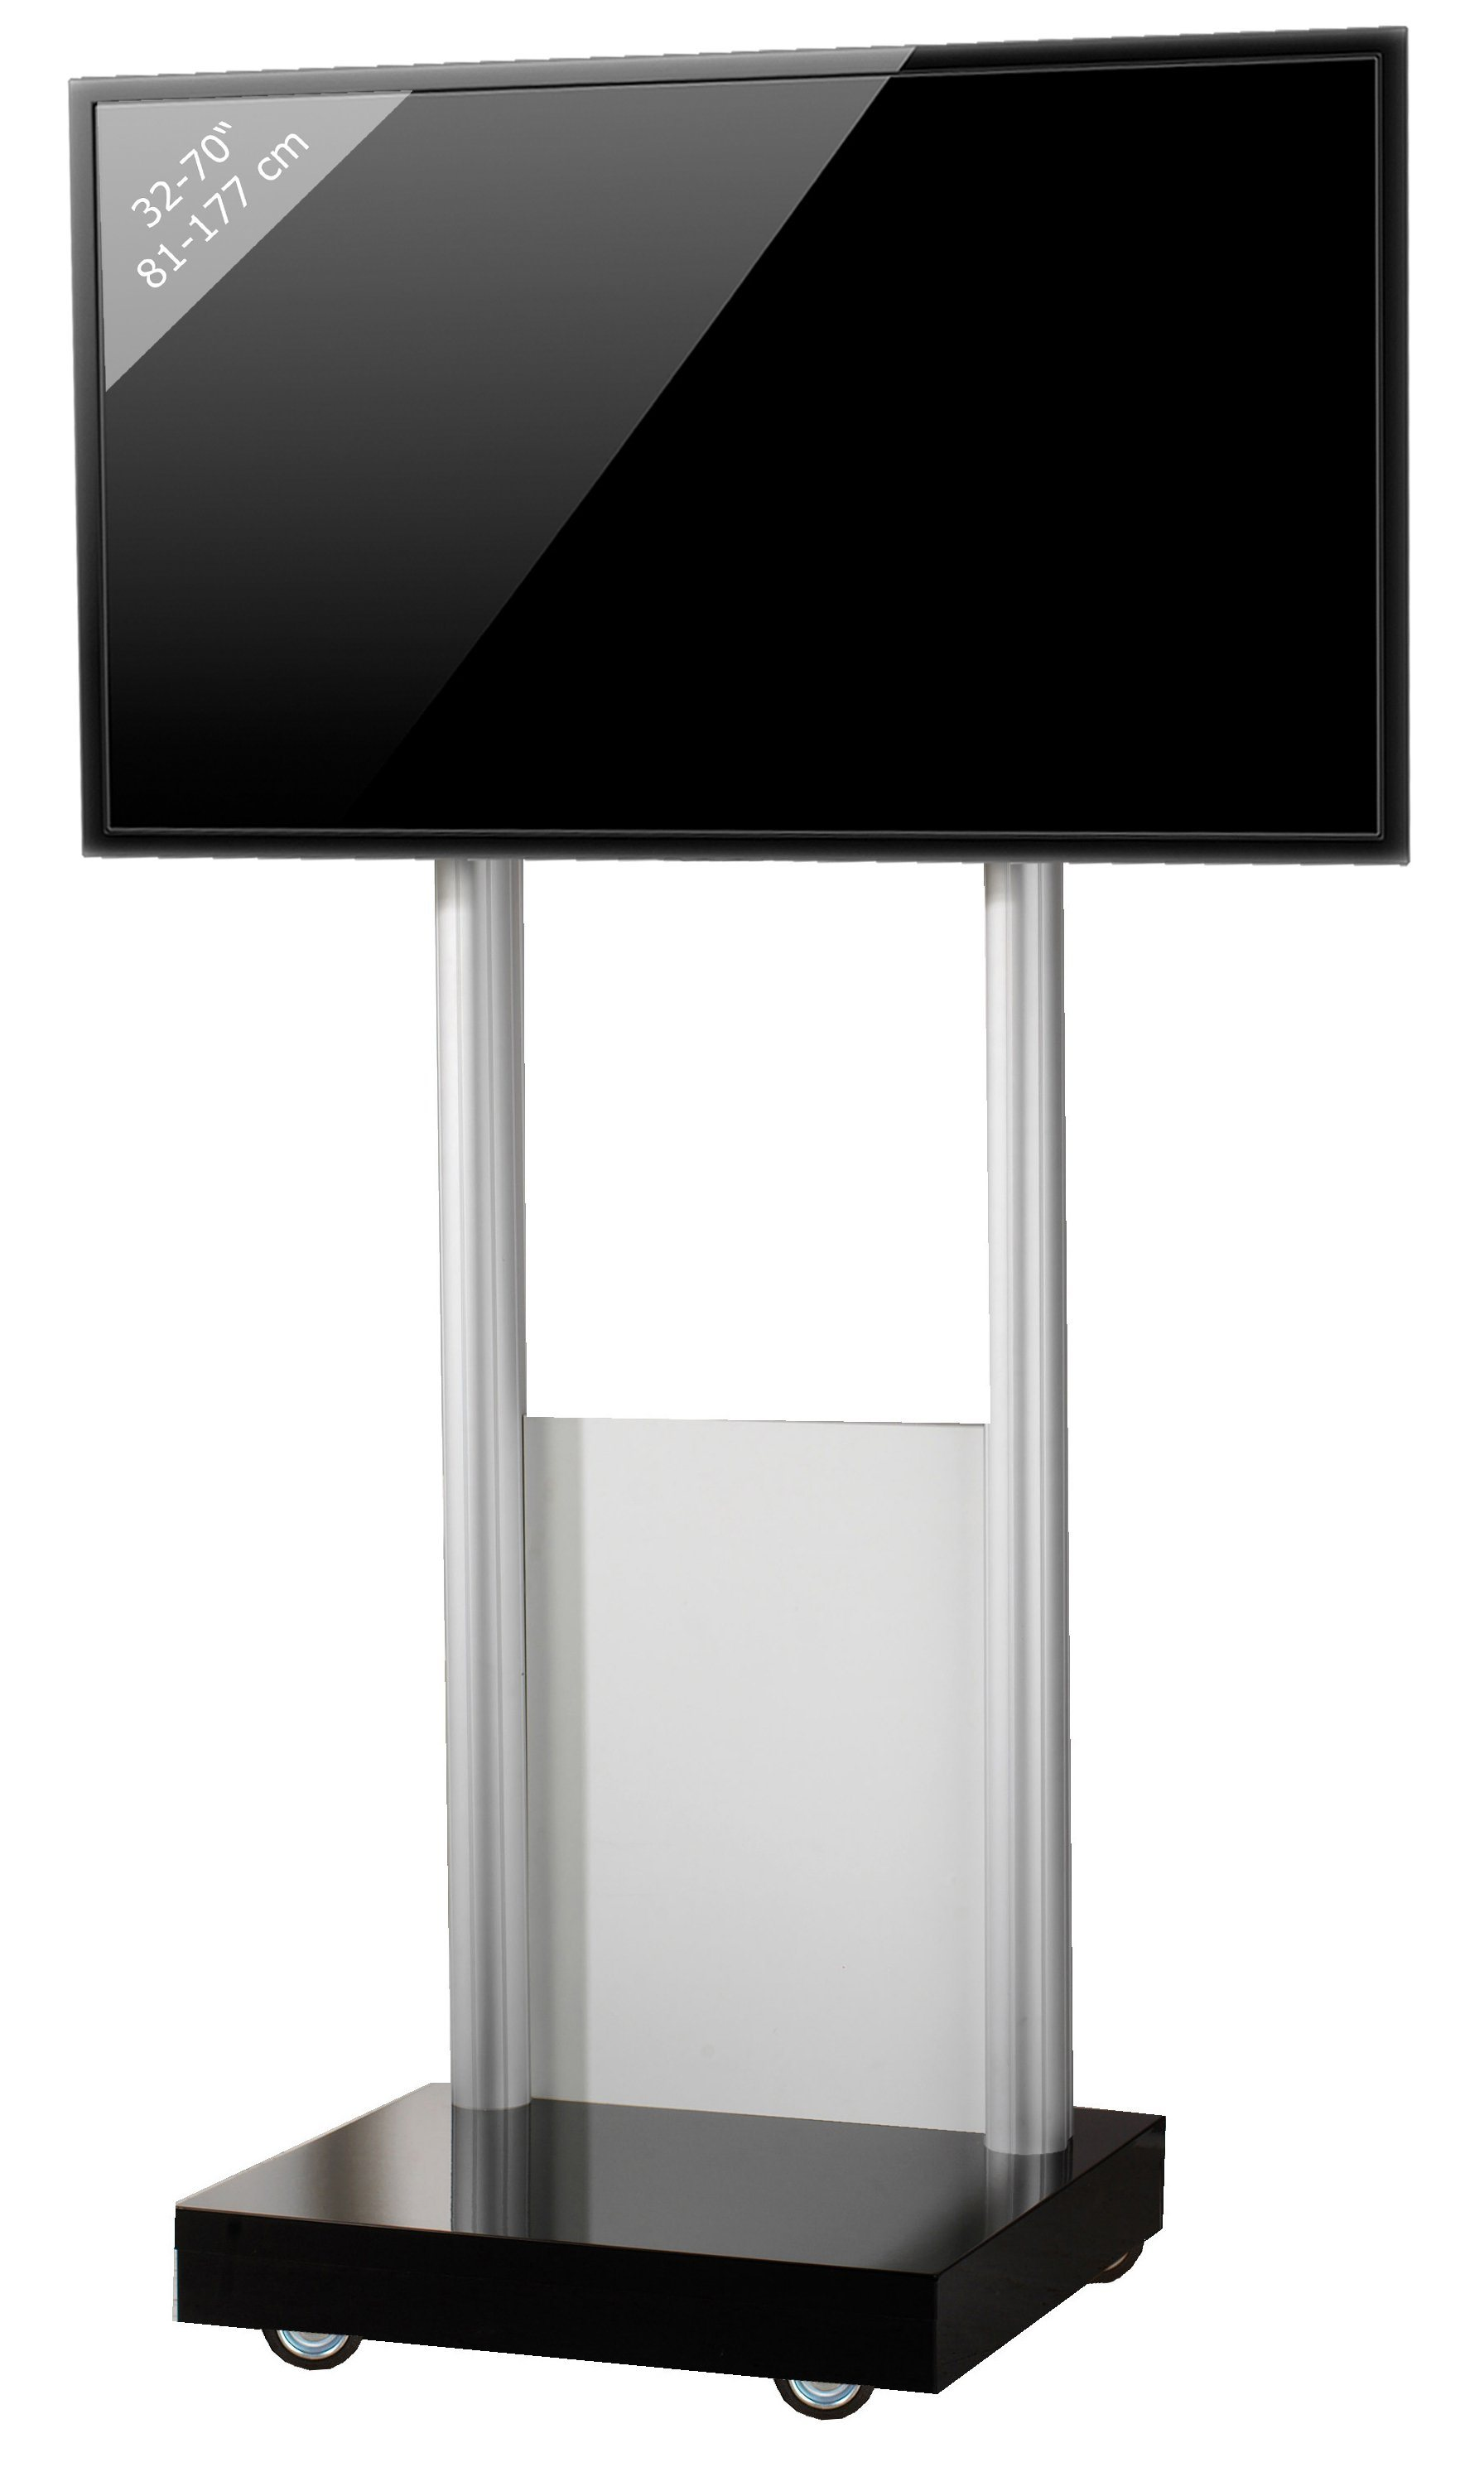 VCM TV-Standfuß ´´Monte Visolo 1´´ | Wohnzimmer > TV-HiFi-Möbel > Ständer & Standfüße | Melamin - Aluminium - Holzwerkstoff | VCM